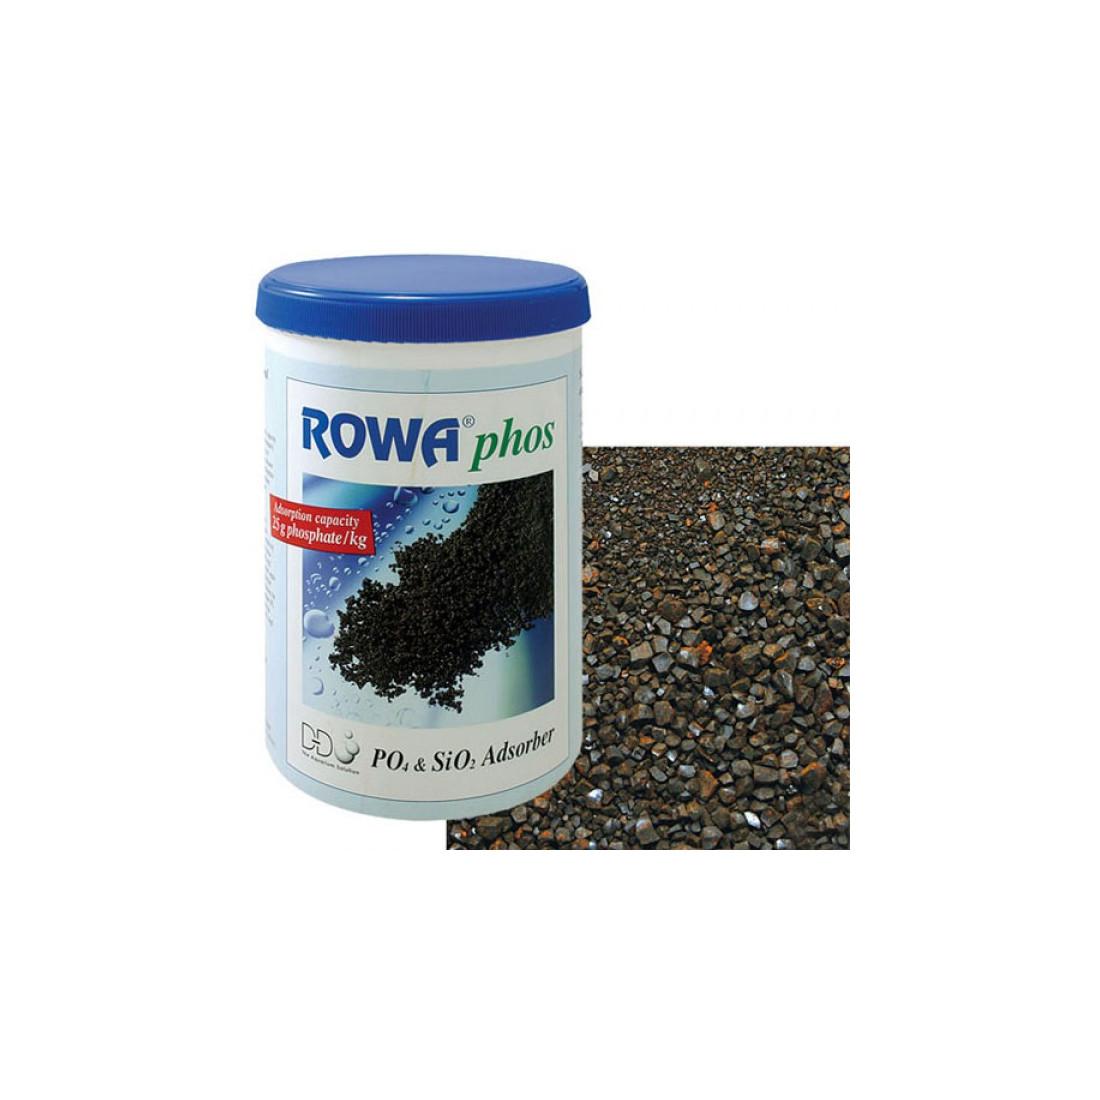 Rowa ROWAphos (résine anti phosphates)